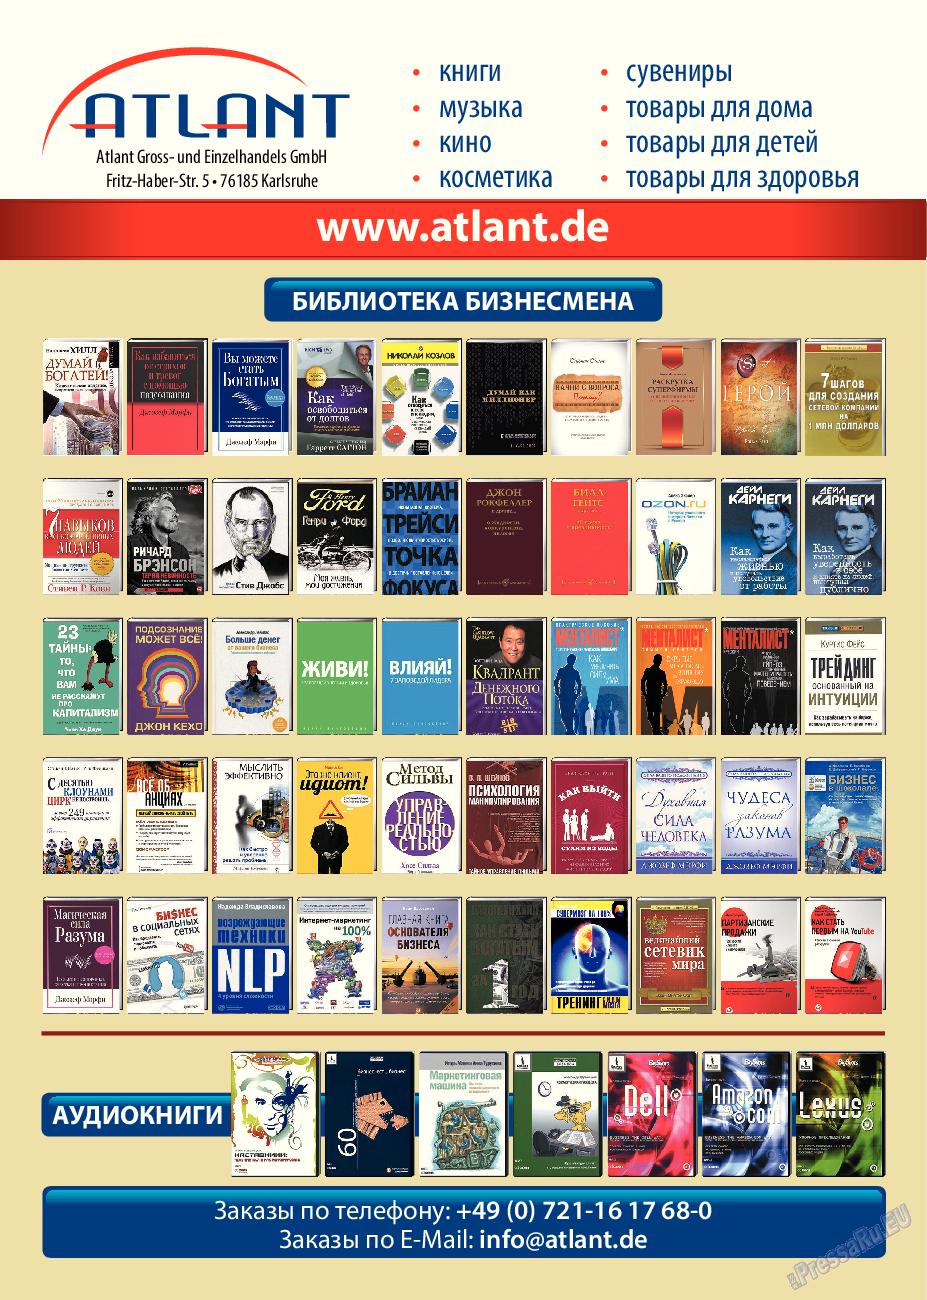 Идеальная фирма (журнал). 2015 год, номер 1, стр. 59